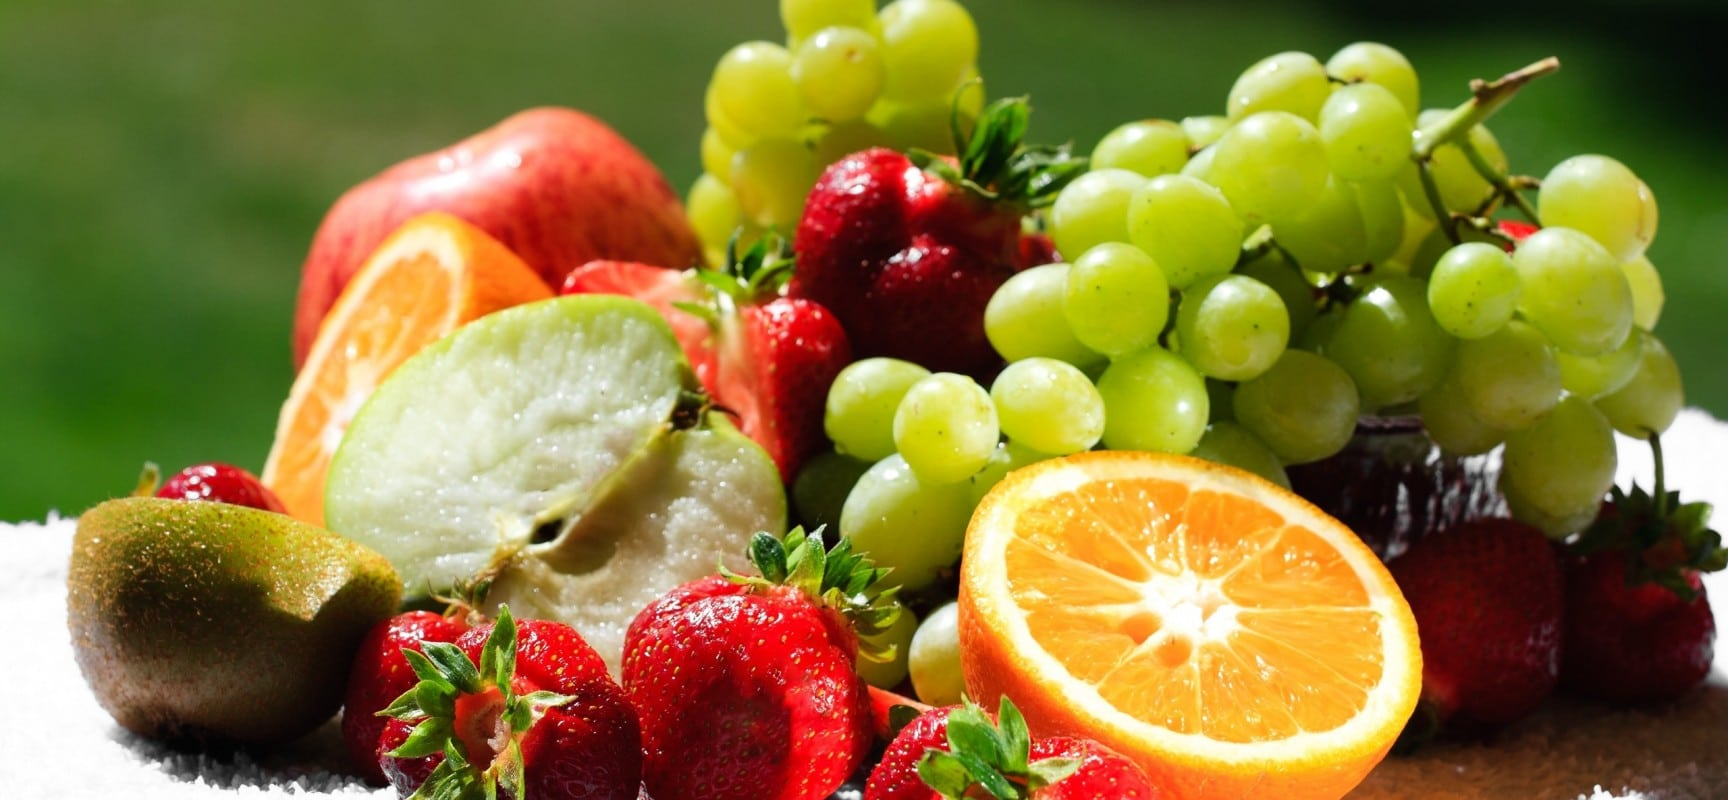 Φρούτα για καλή υγεία από τη διατροφολόγο Άρτεμις Ζερδελή